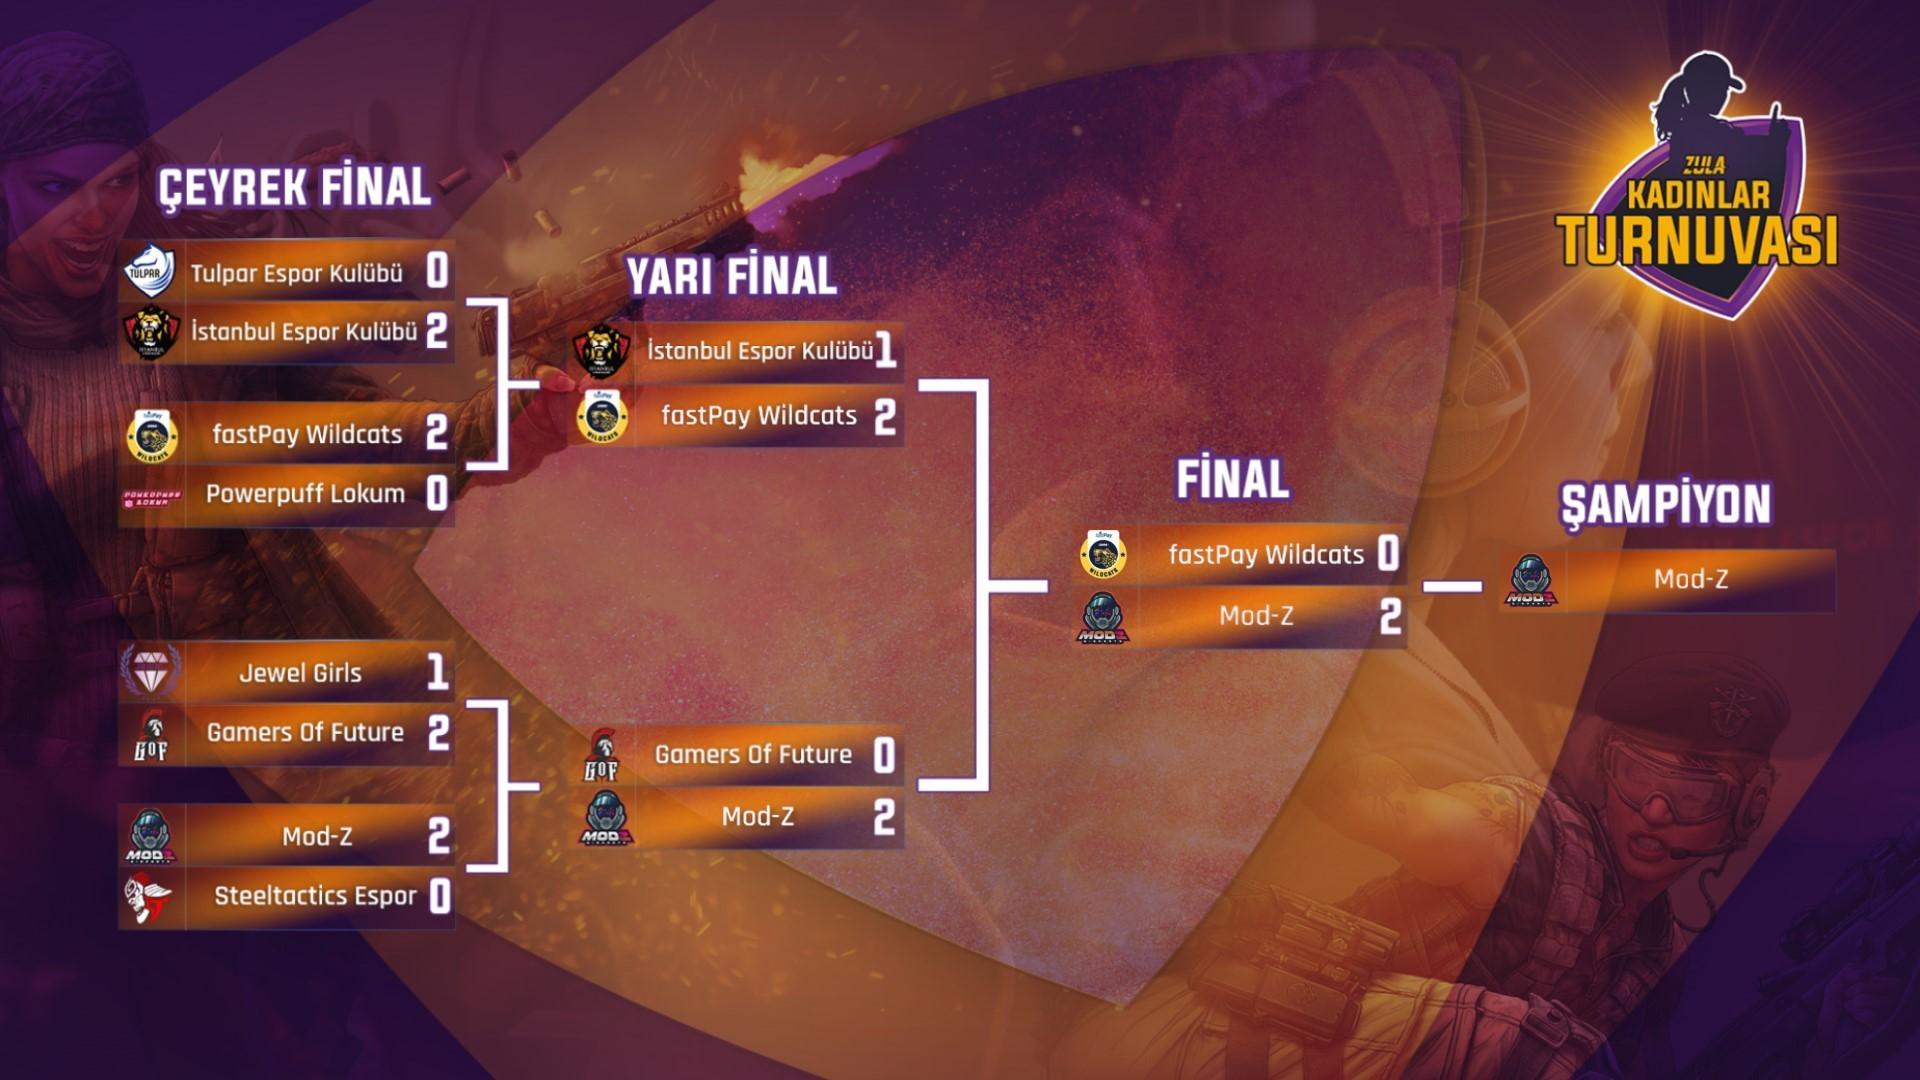 kad-nlar-turnuva